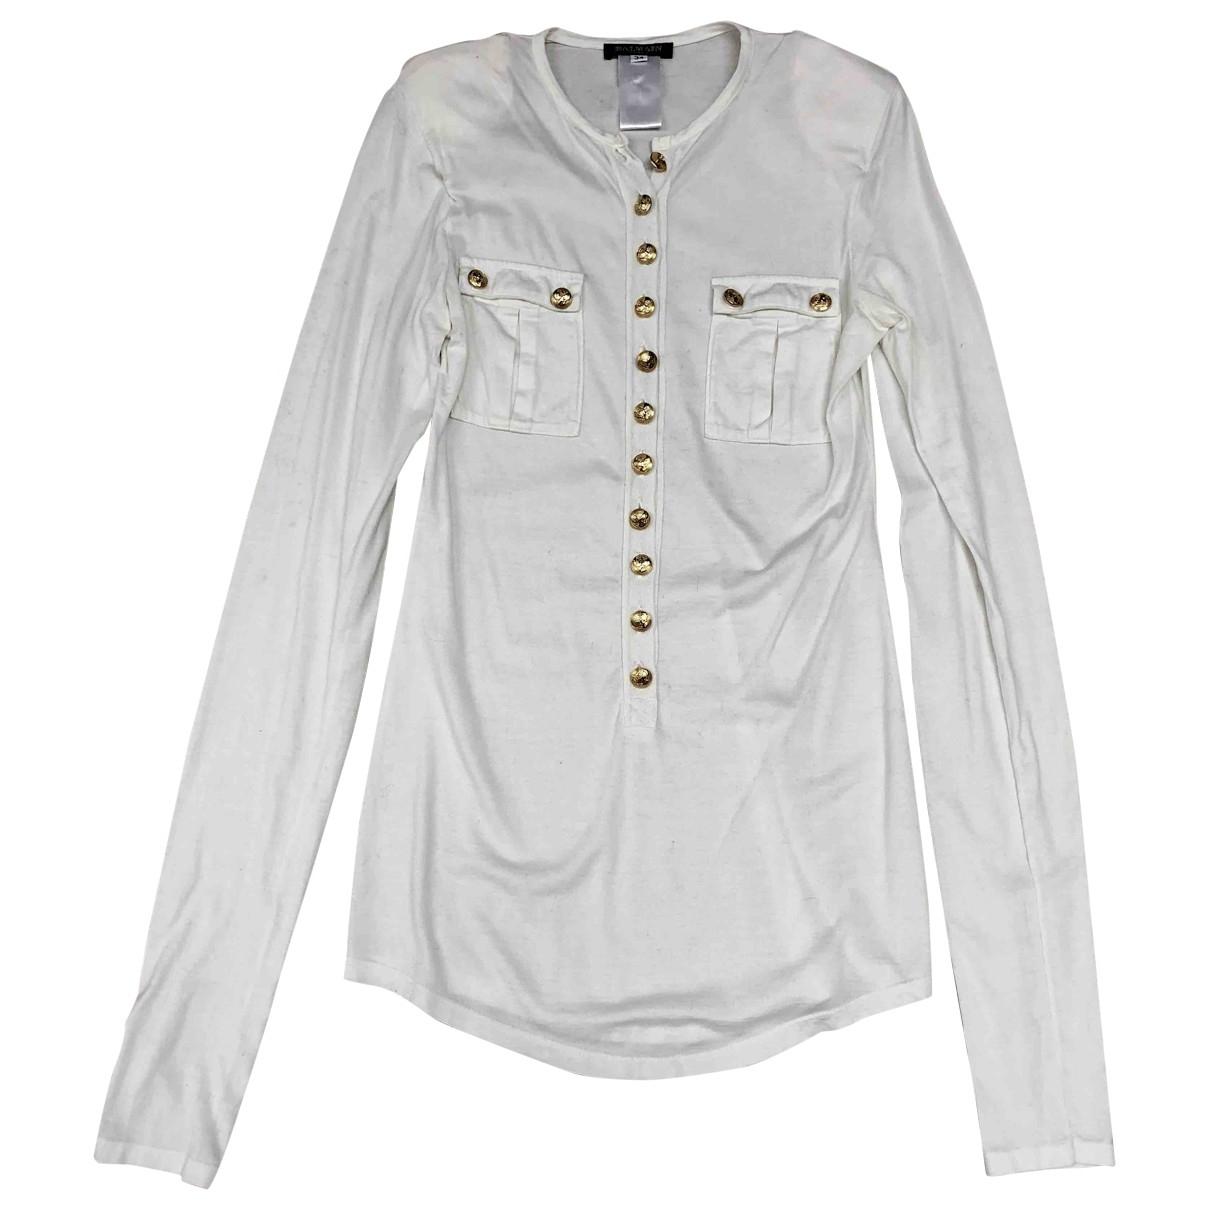 Balmain \N Ecru Cotton  top for Women 34 FR